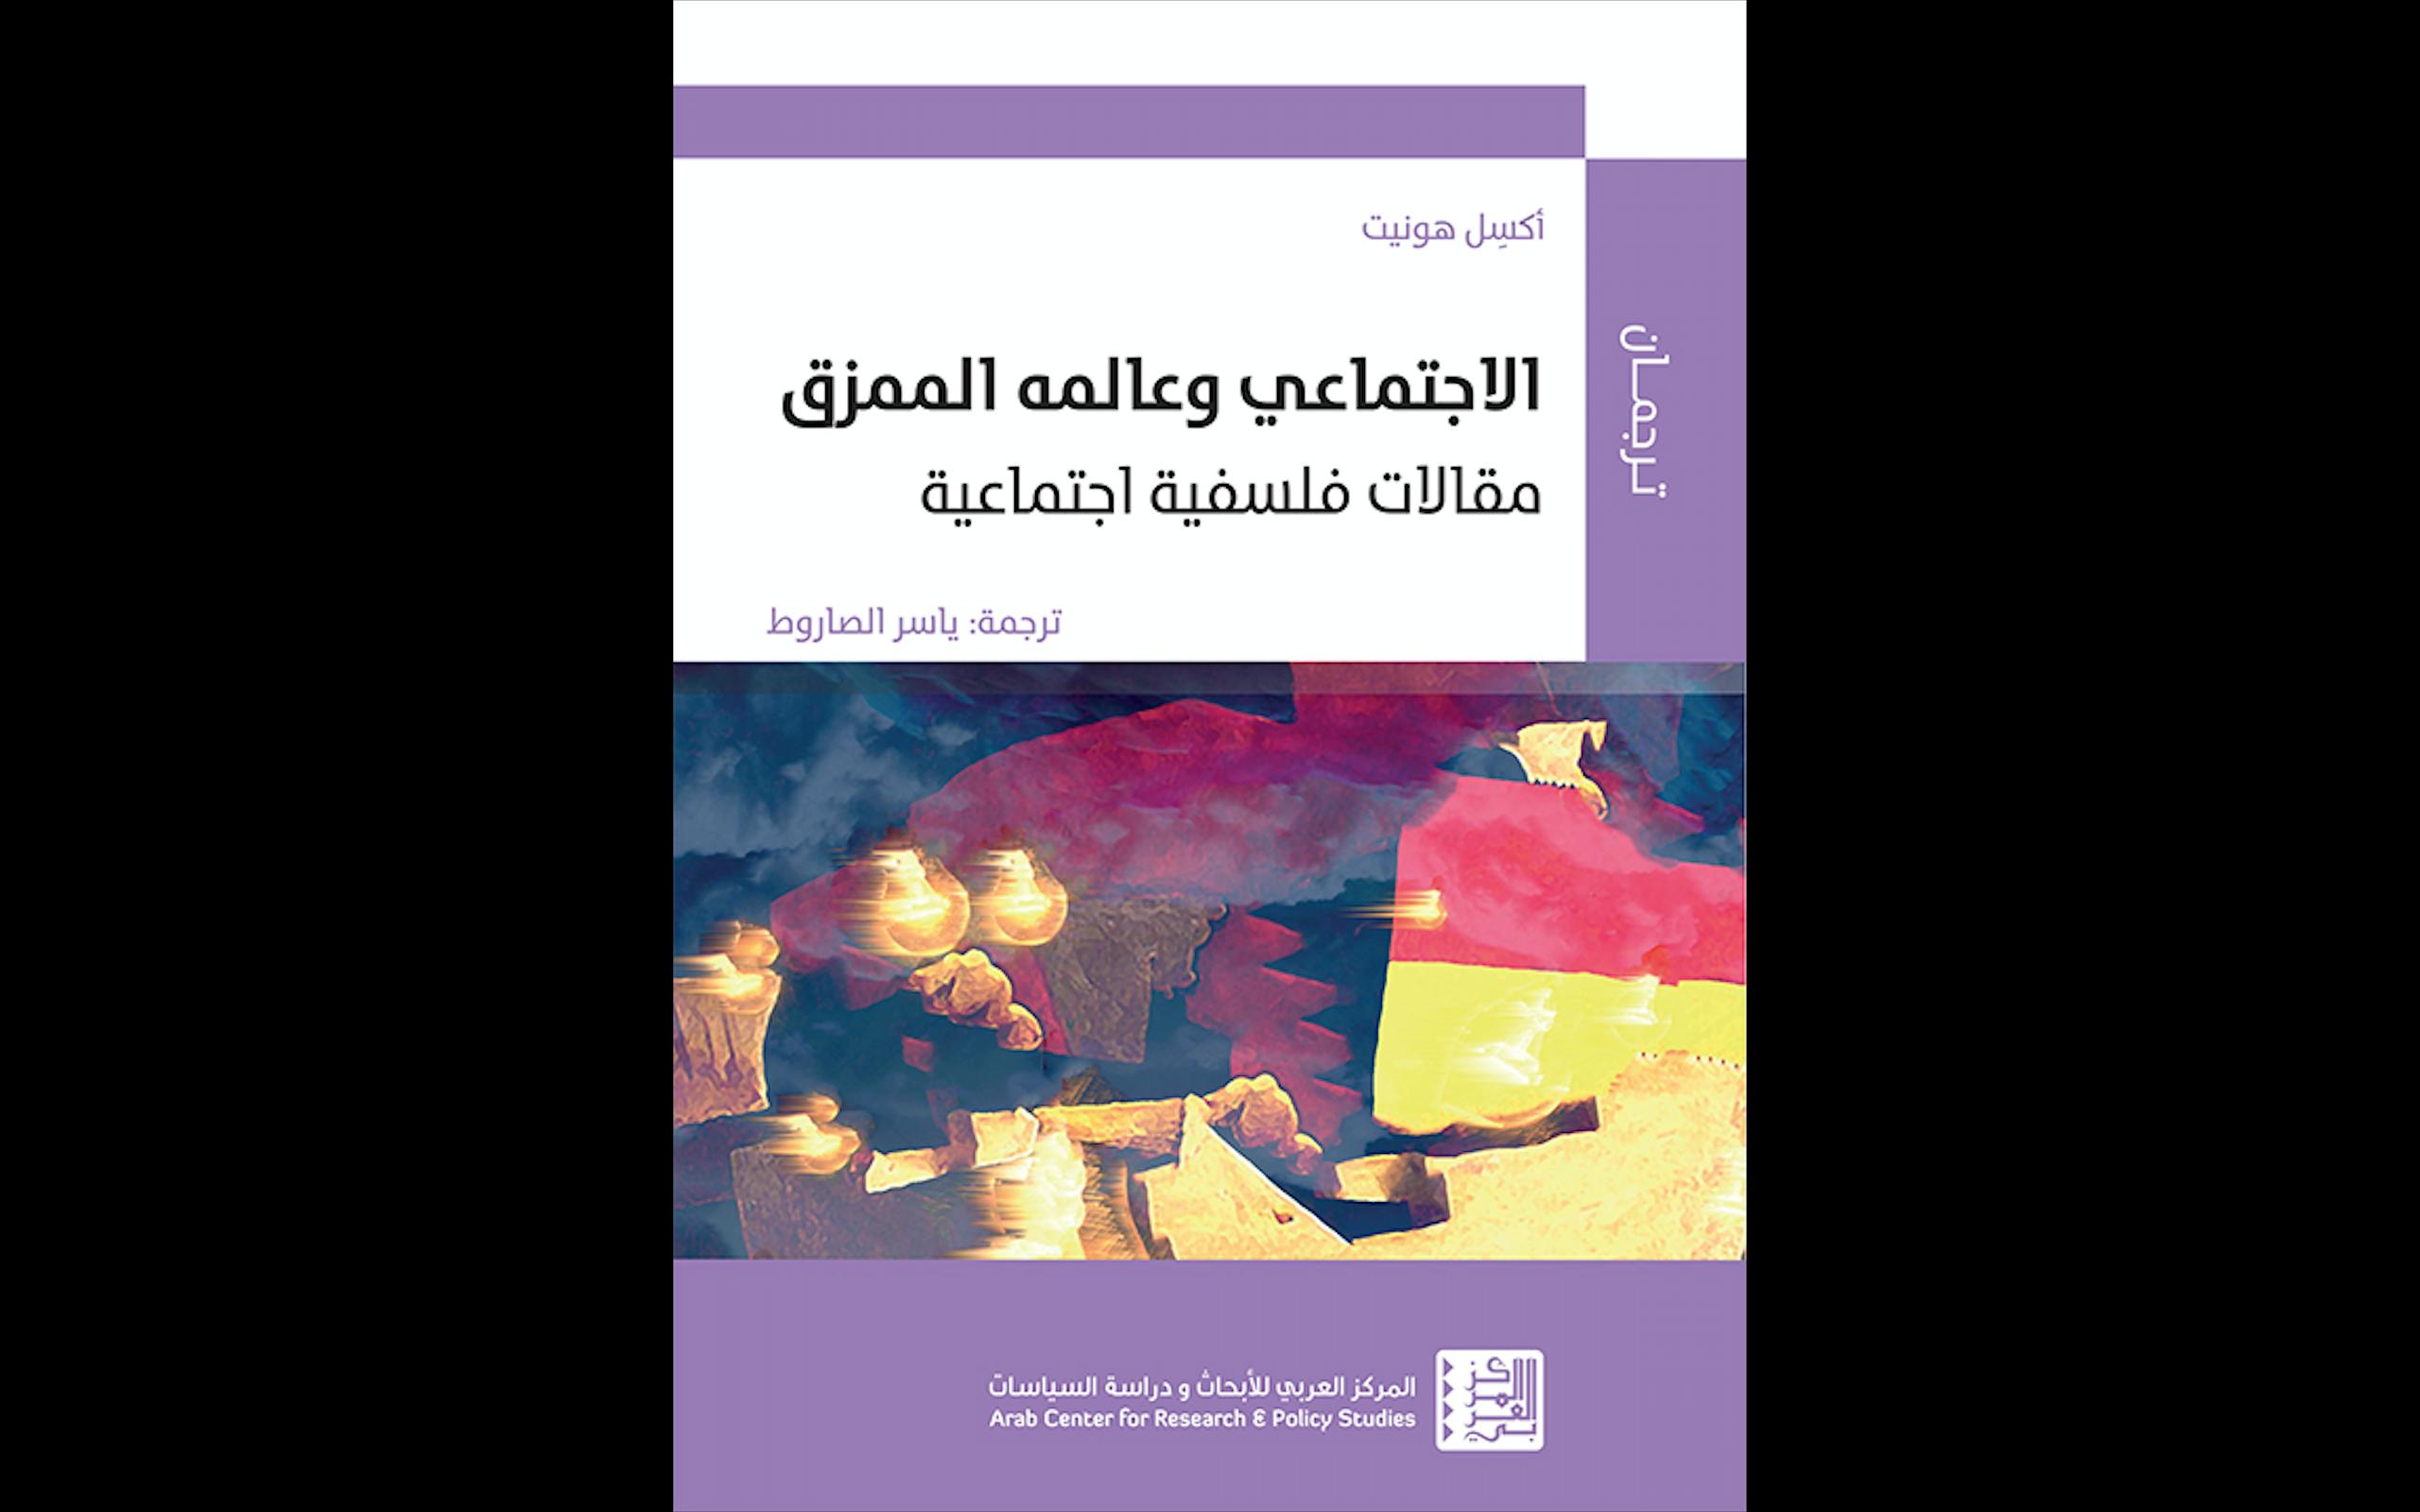 «الاجتماعي وعالمه الممزق: مقالات فلسفية اجتماعية» عن